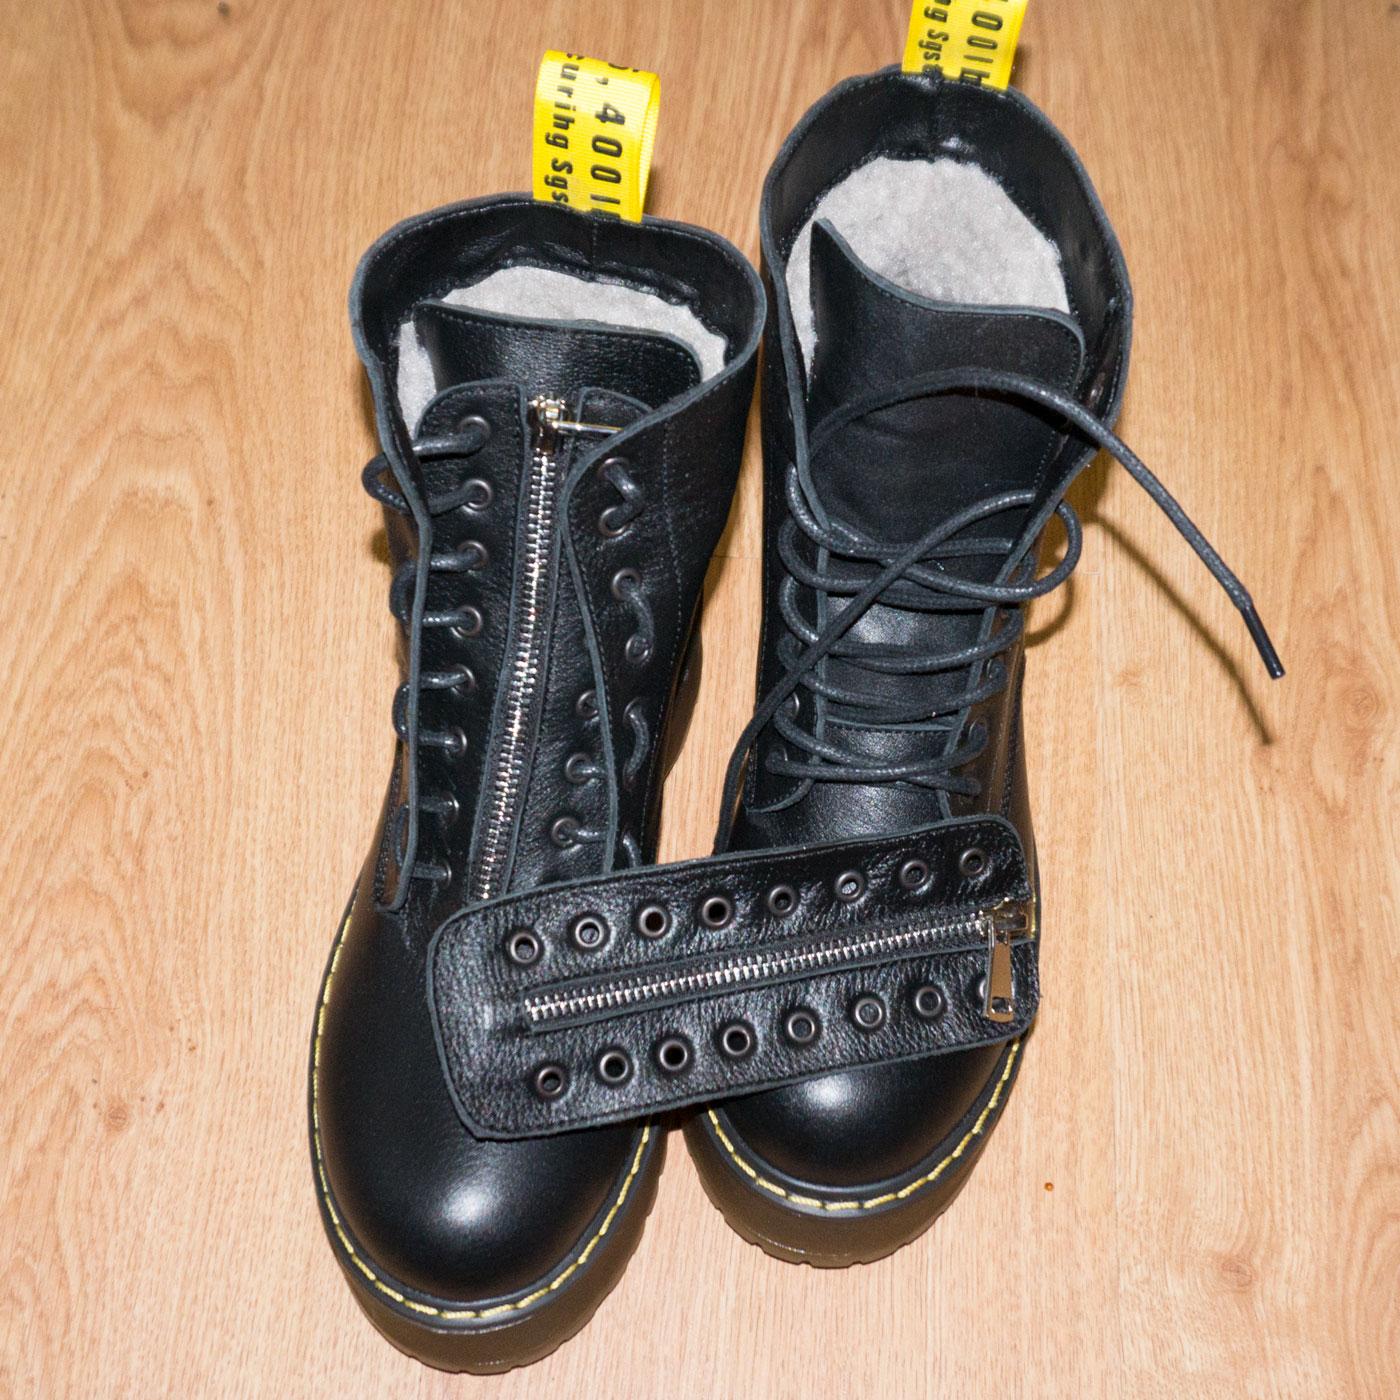 большое фото №5 Черные женские кожаные ботинки с мехом на платформе в стиле Dr. Martens